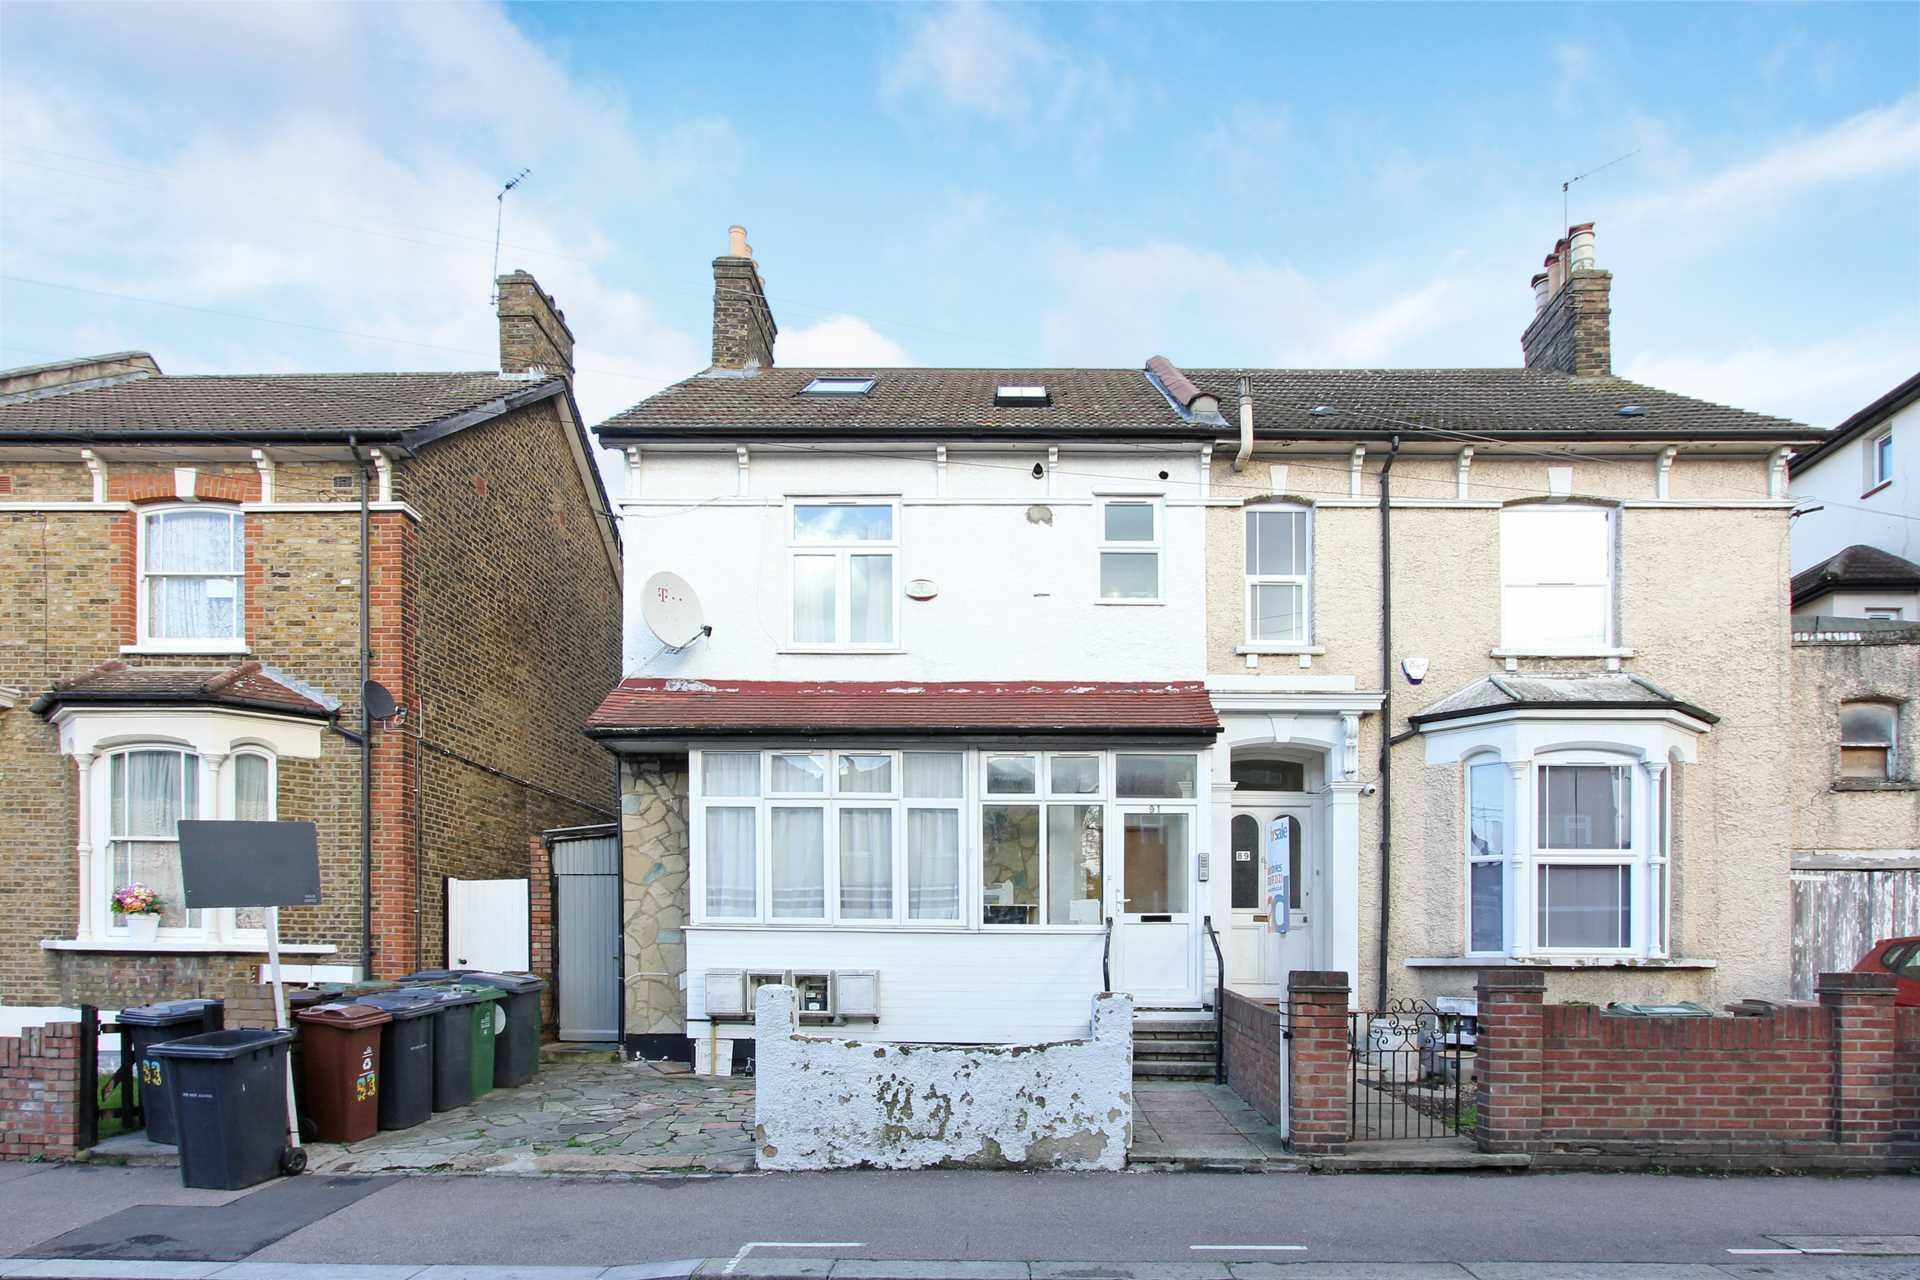 Grange Park Road, Leyton, E10, Image 7